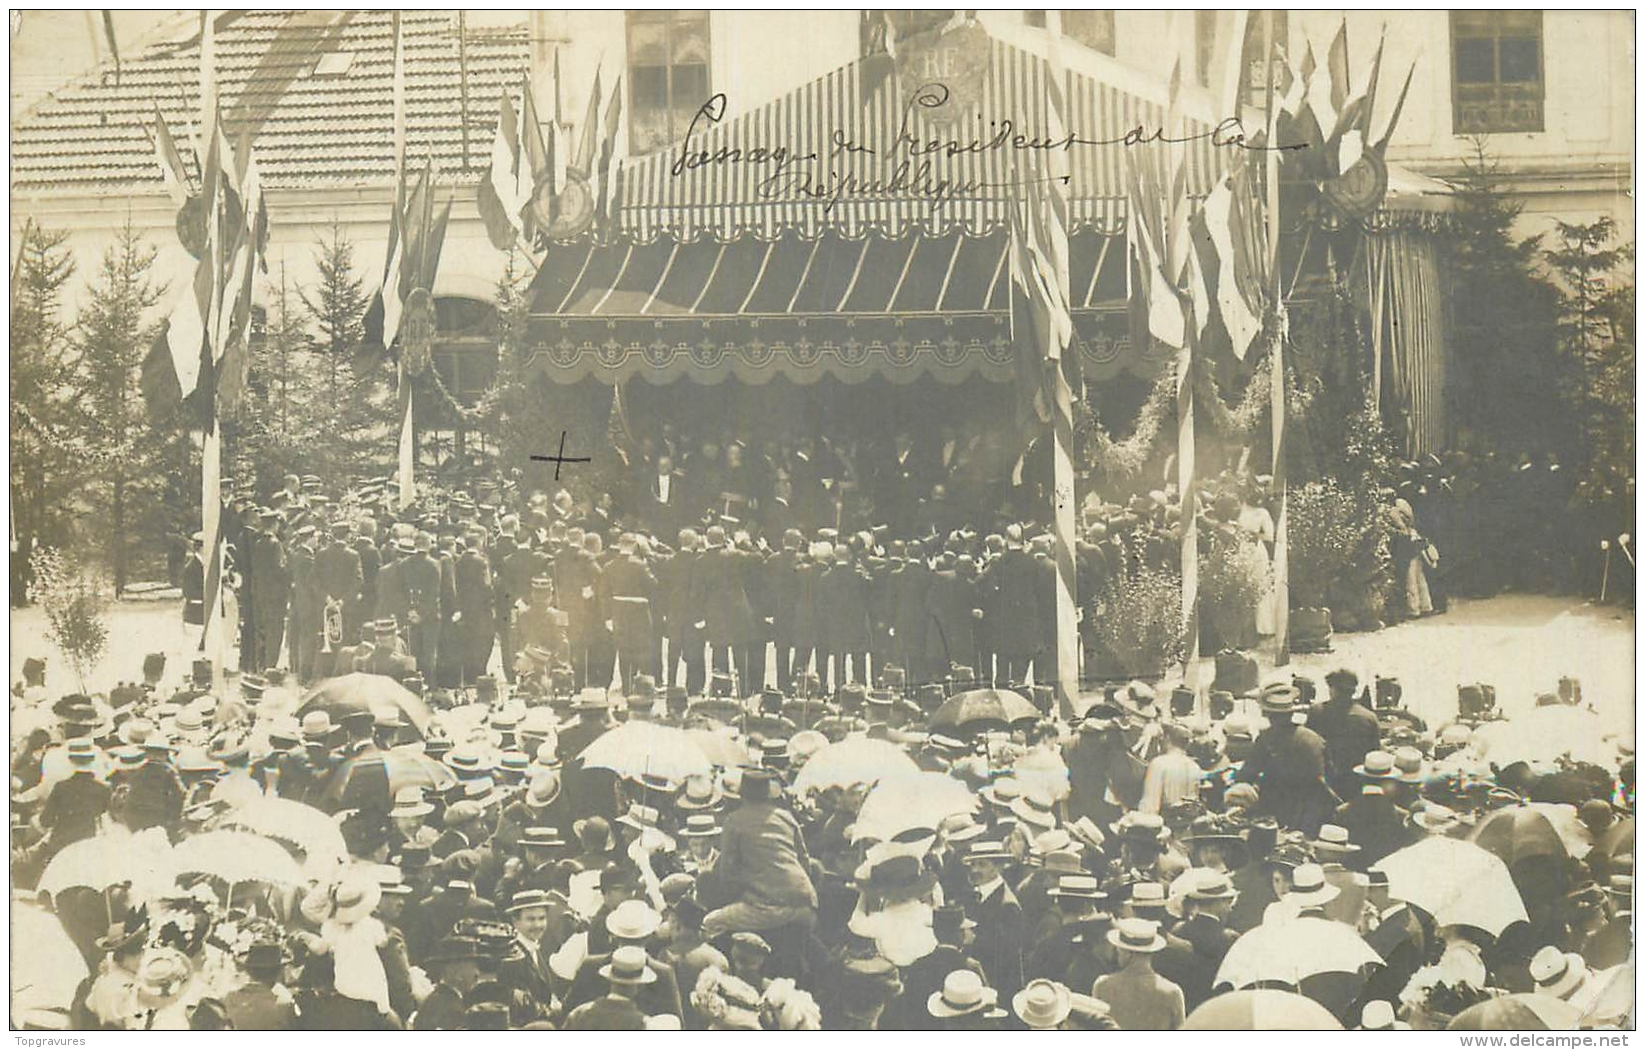 87 CARTE PHOTO SAINT-JUNIEN PENDANT PASSAGE PRESIDENT DE LA REPUBLIQUE POINCARE - Saint Junien